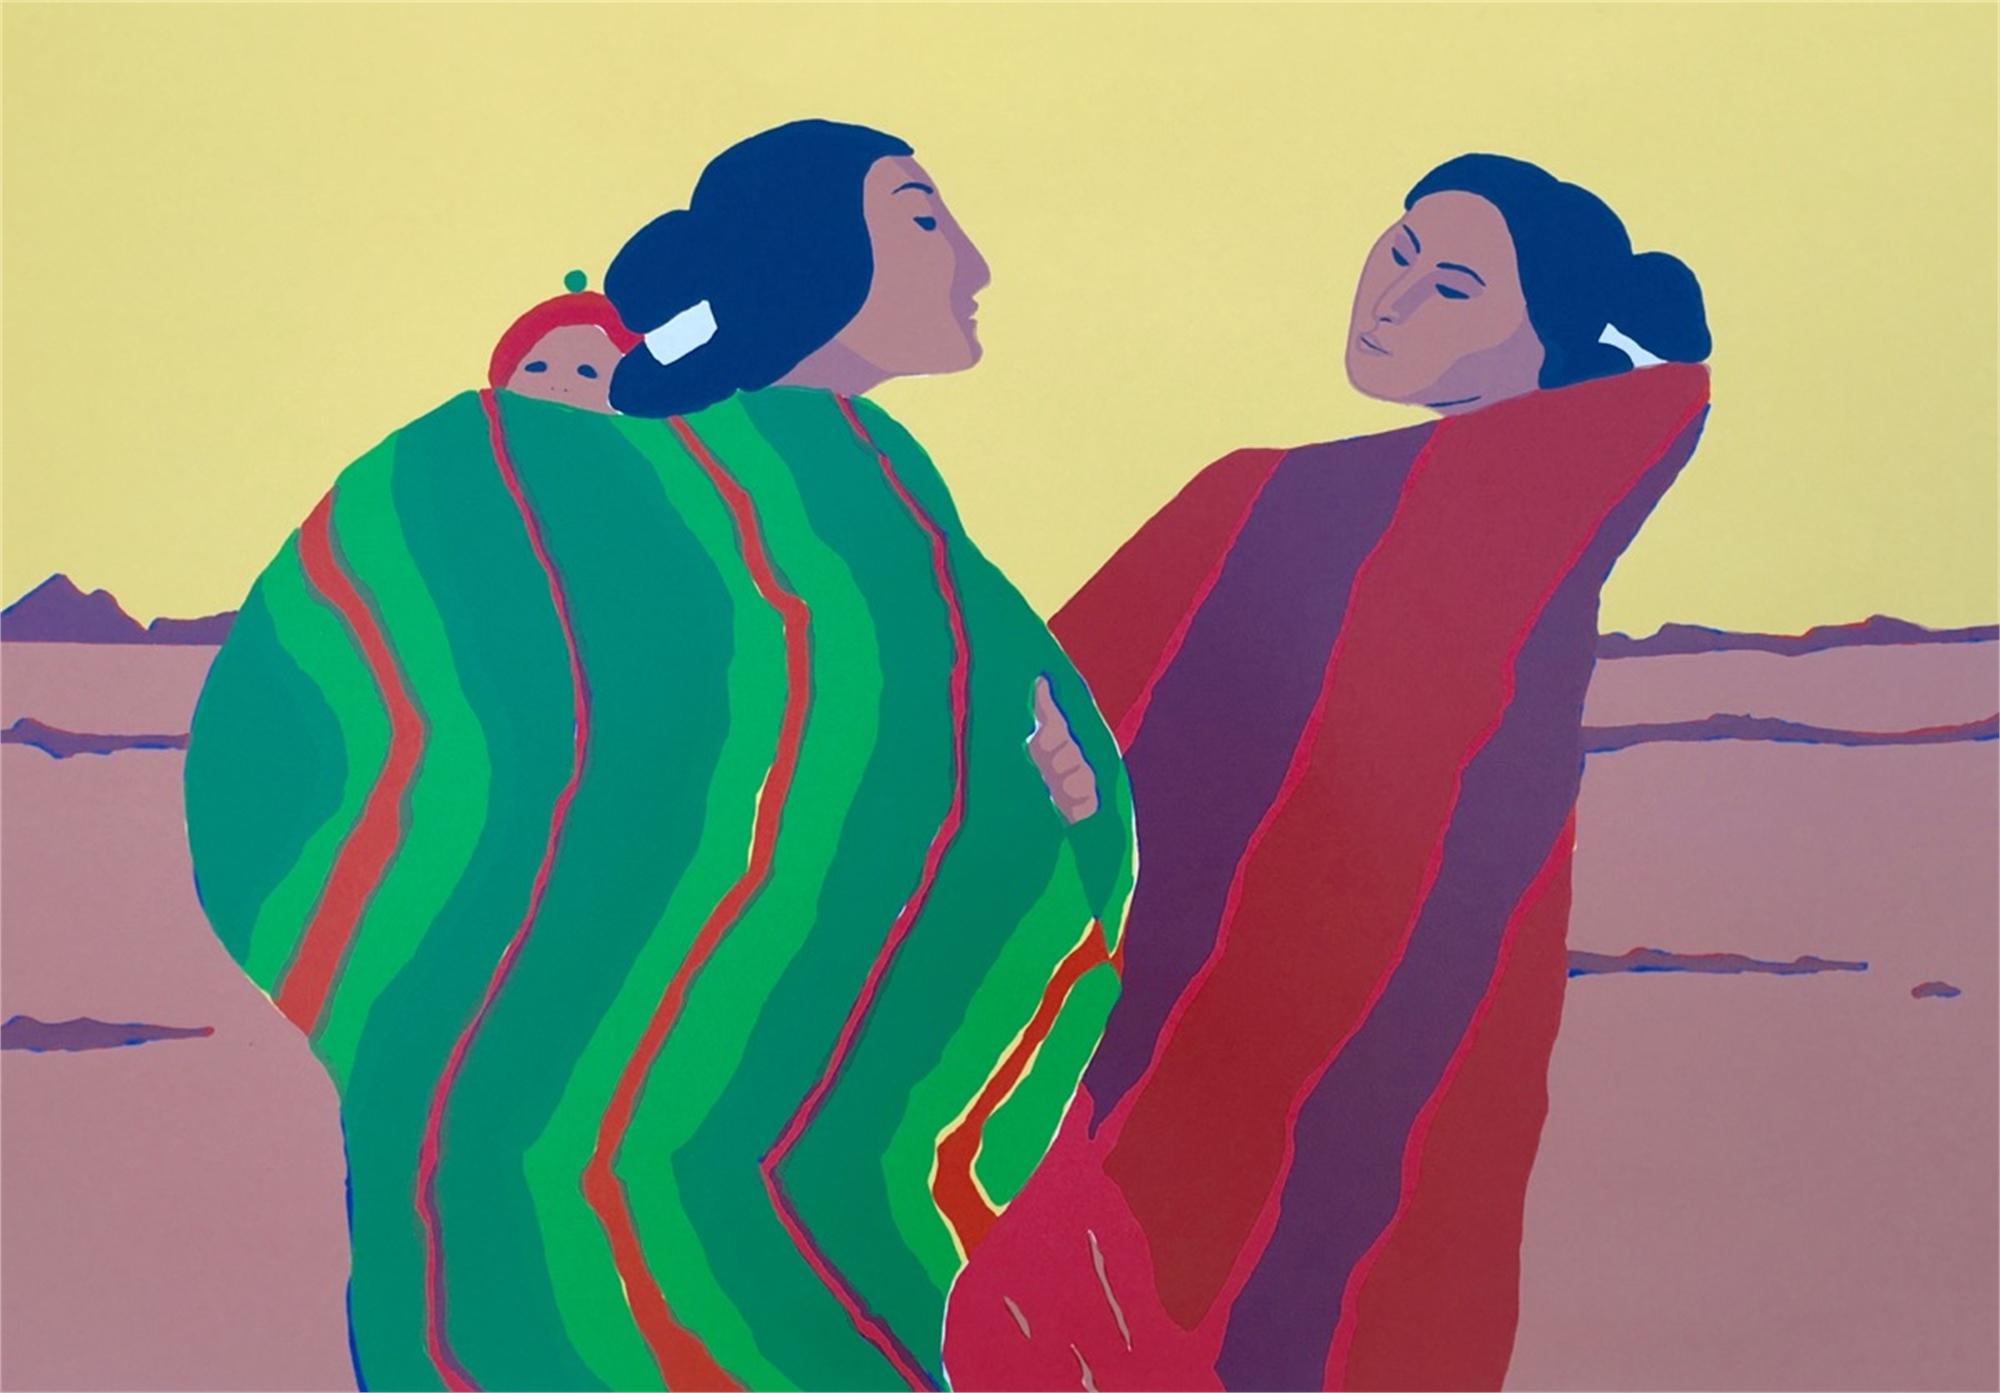 Sisters by R.C. Gorman